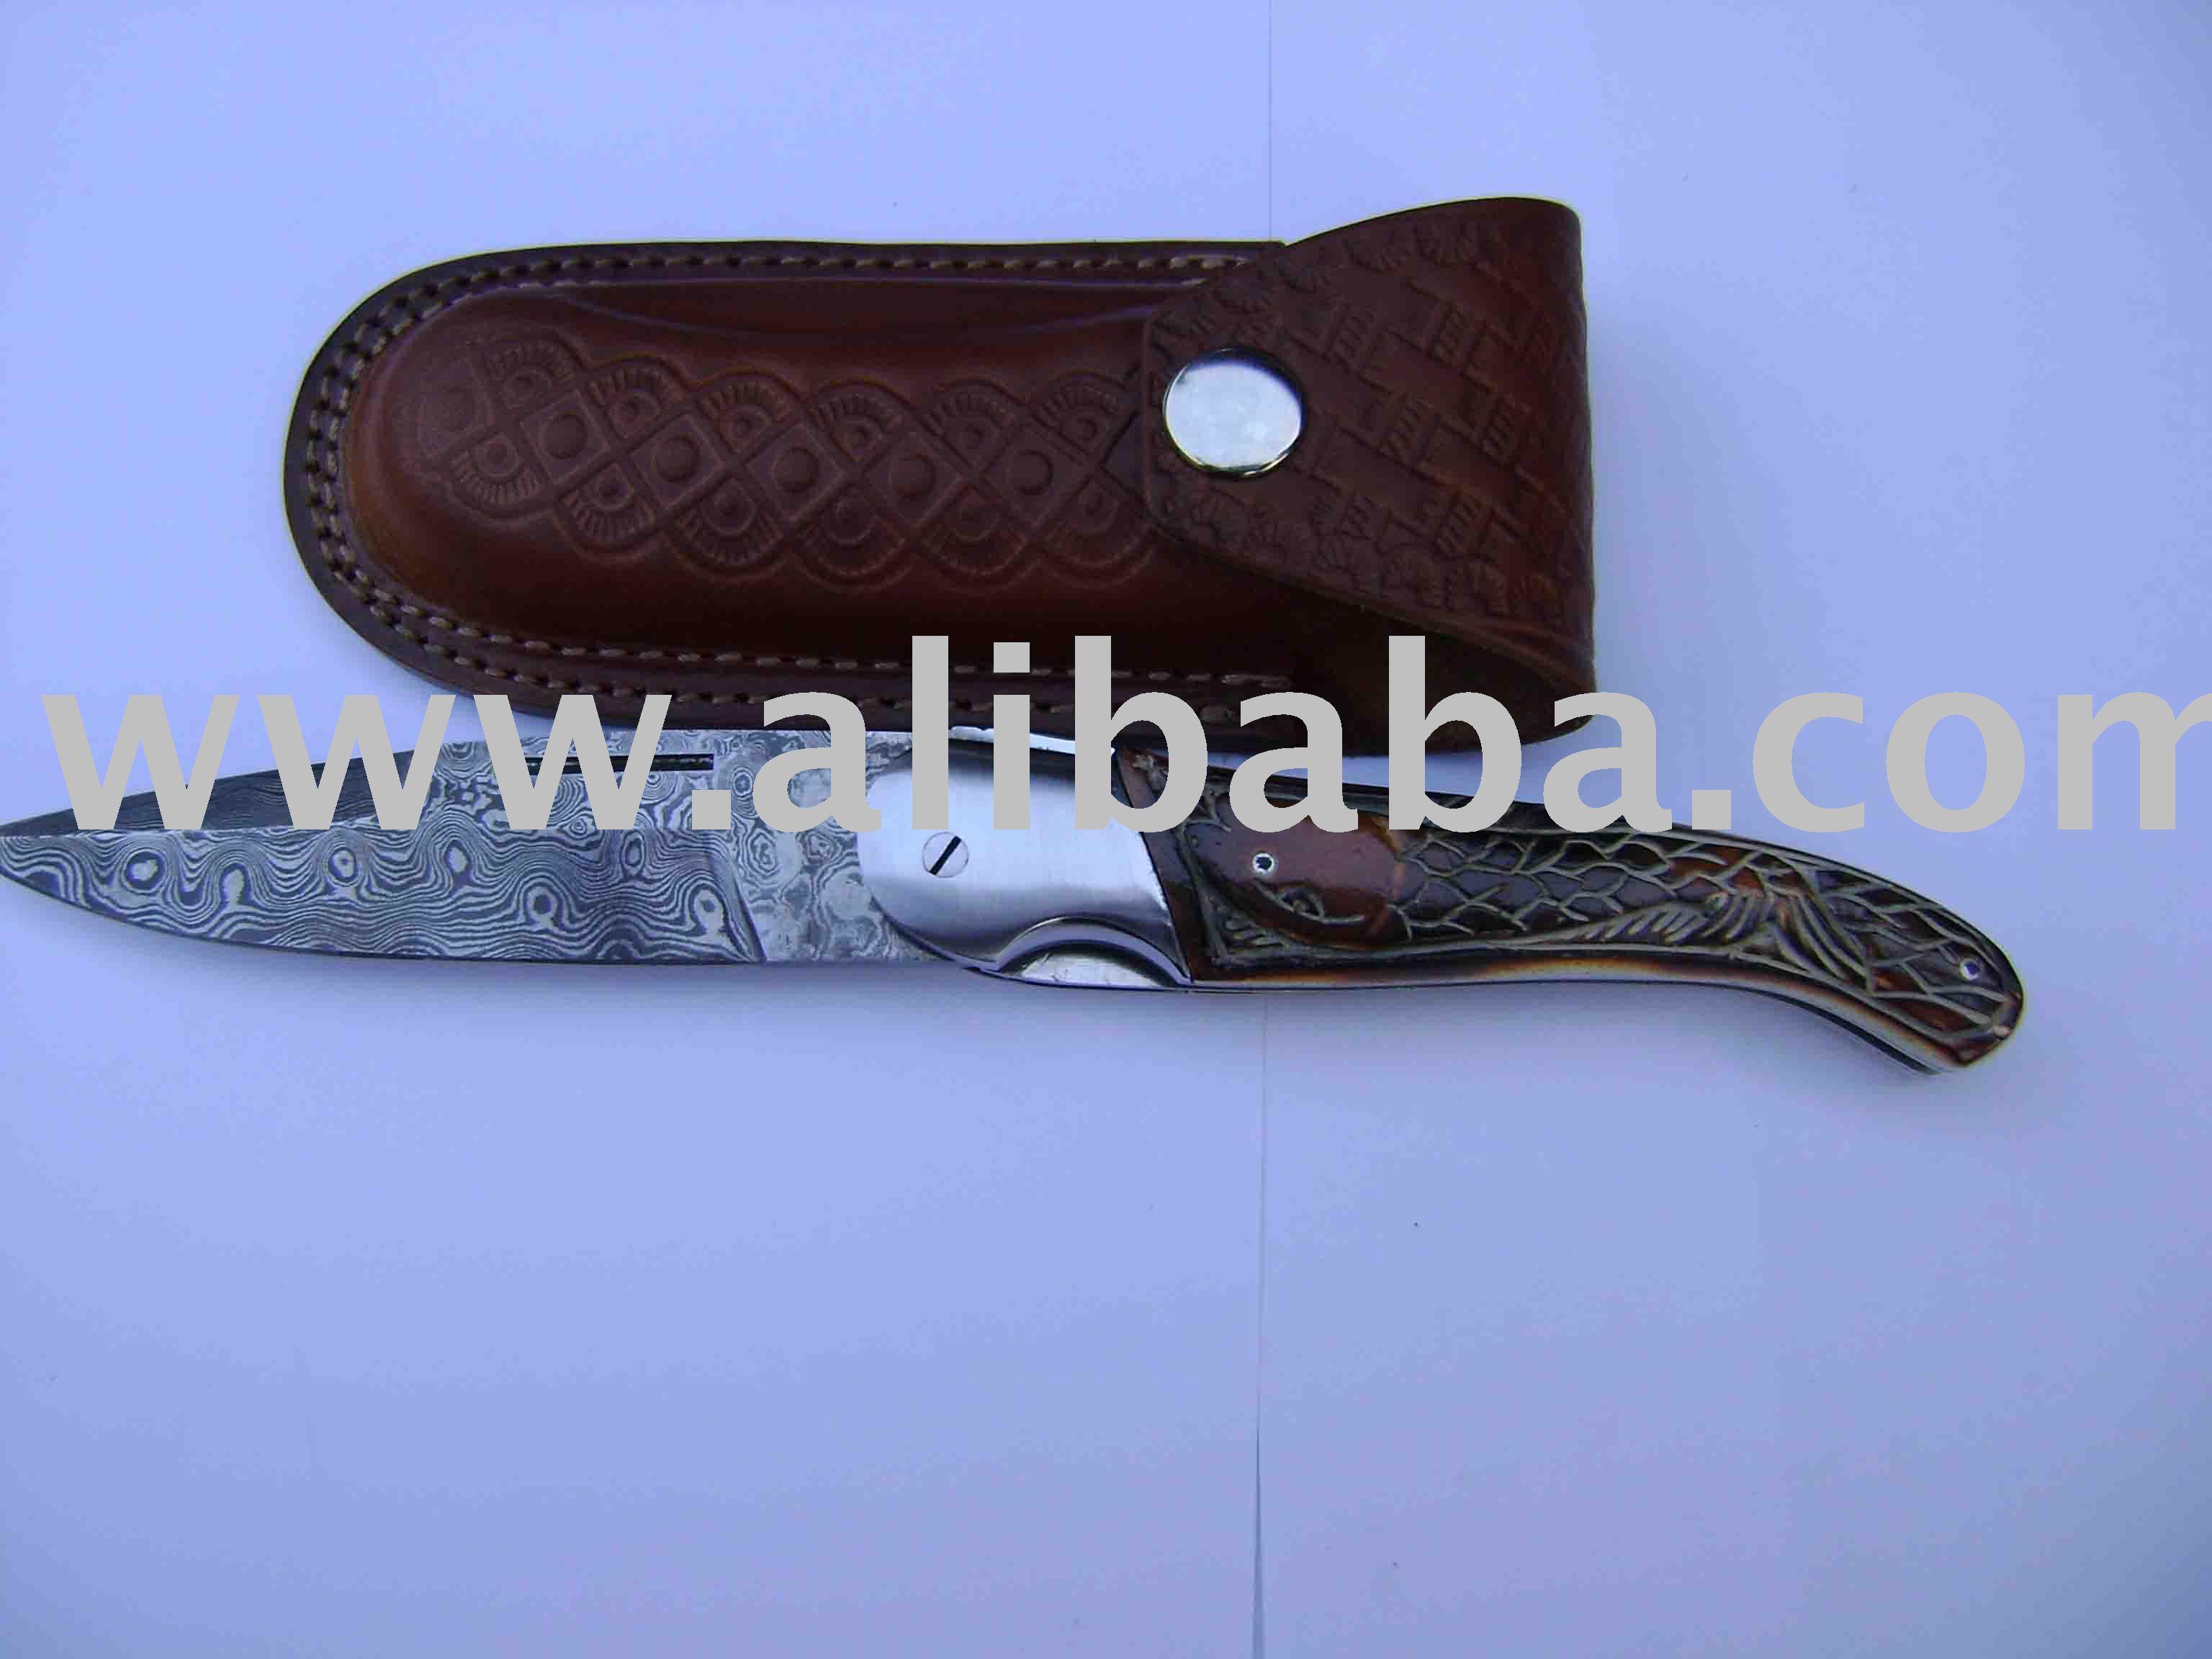 knives opinel jaguar youtube s ozzy watch